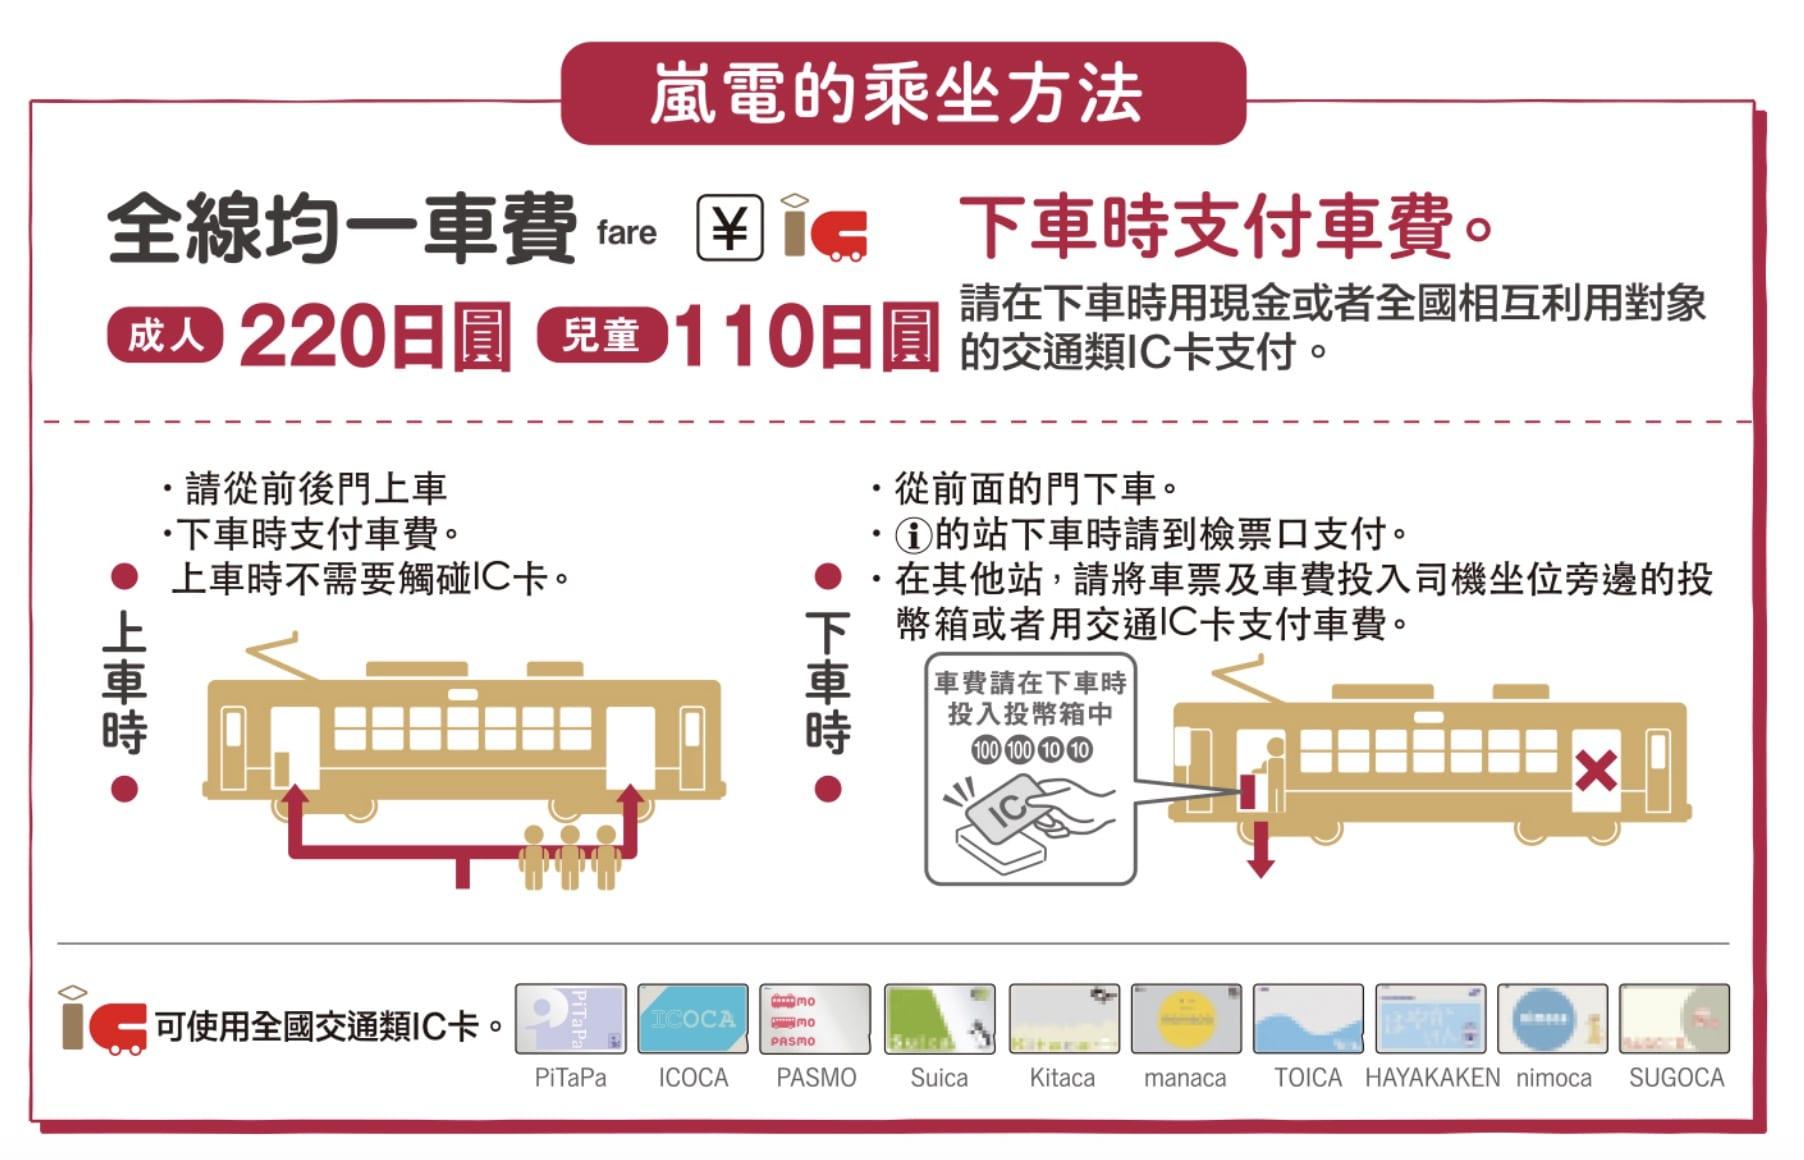 嵐山交通-京福電鐵(嵐山電車),4種嵐電一日券